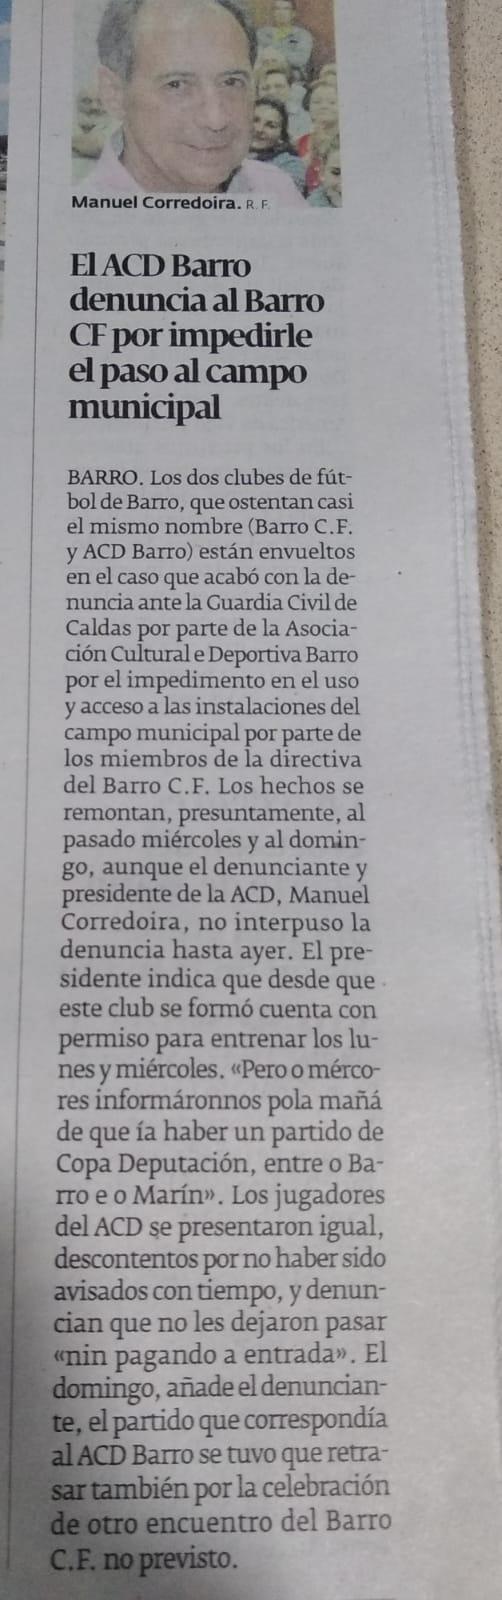 El ACD Barro denuncia a BARRO CF por impedirle el paso al campo municipal